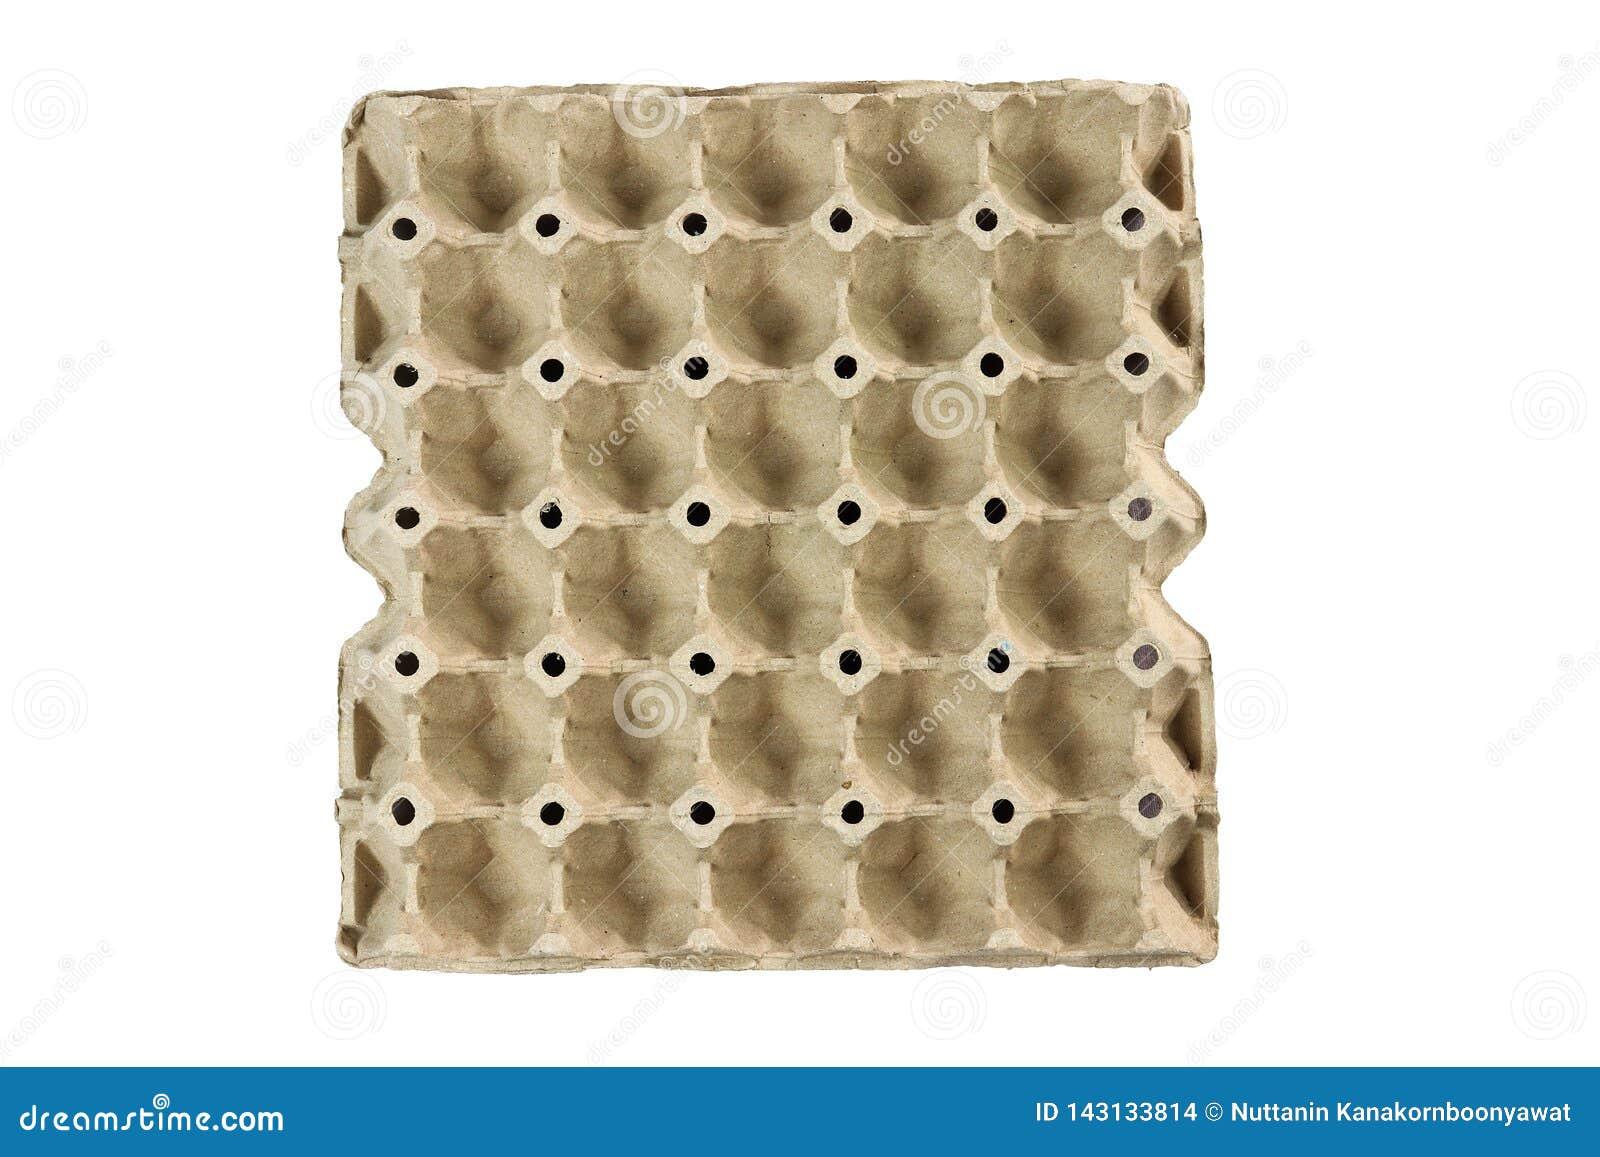 Eierablage, Stapelpappe, die f?r die Eier lokalisiert auf schwarzem Hintergrund verpackt